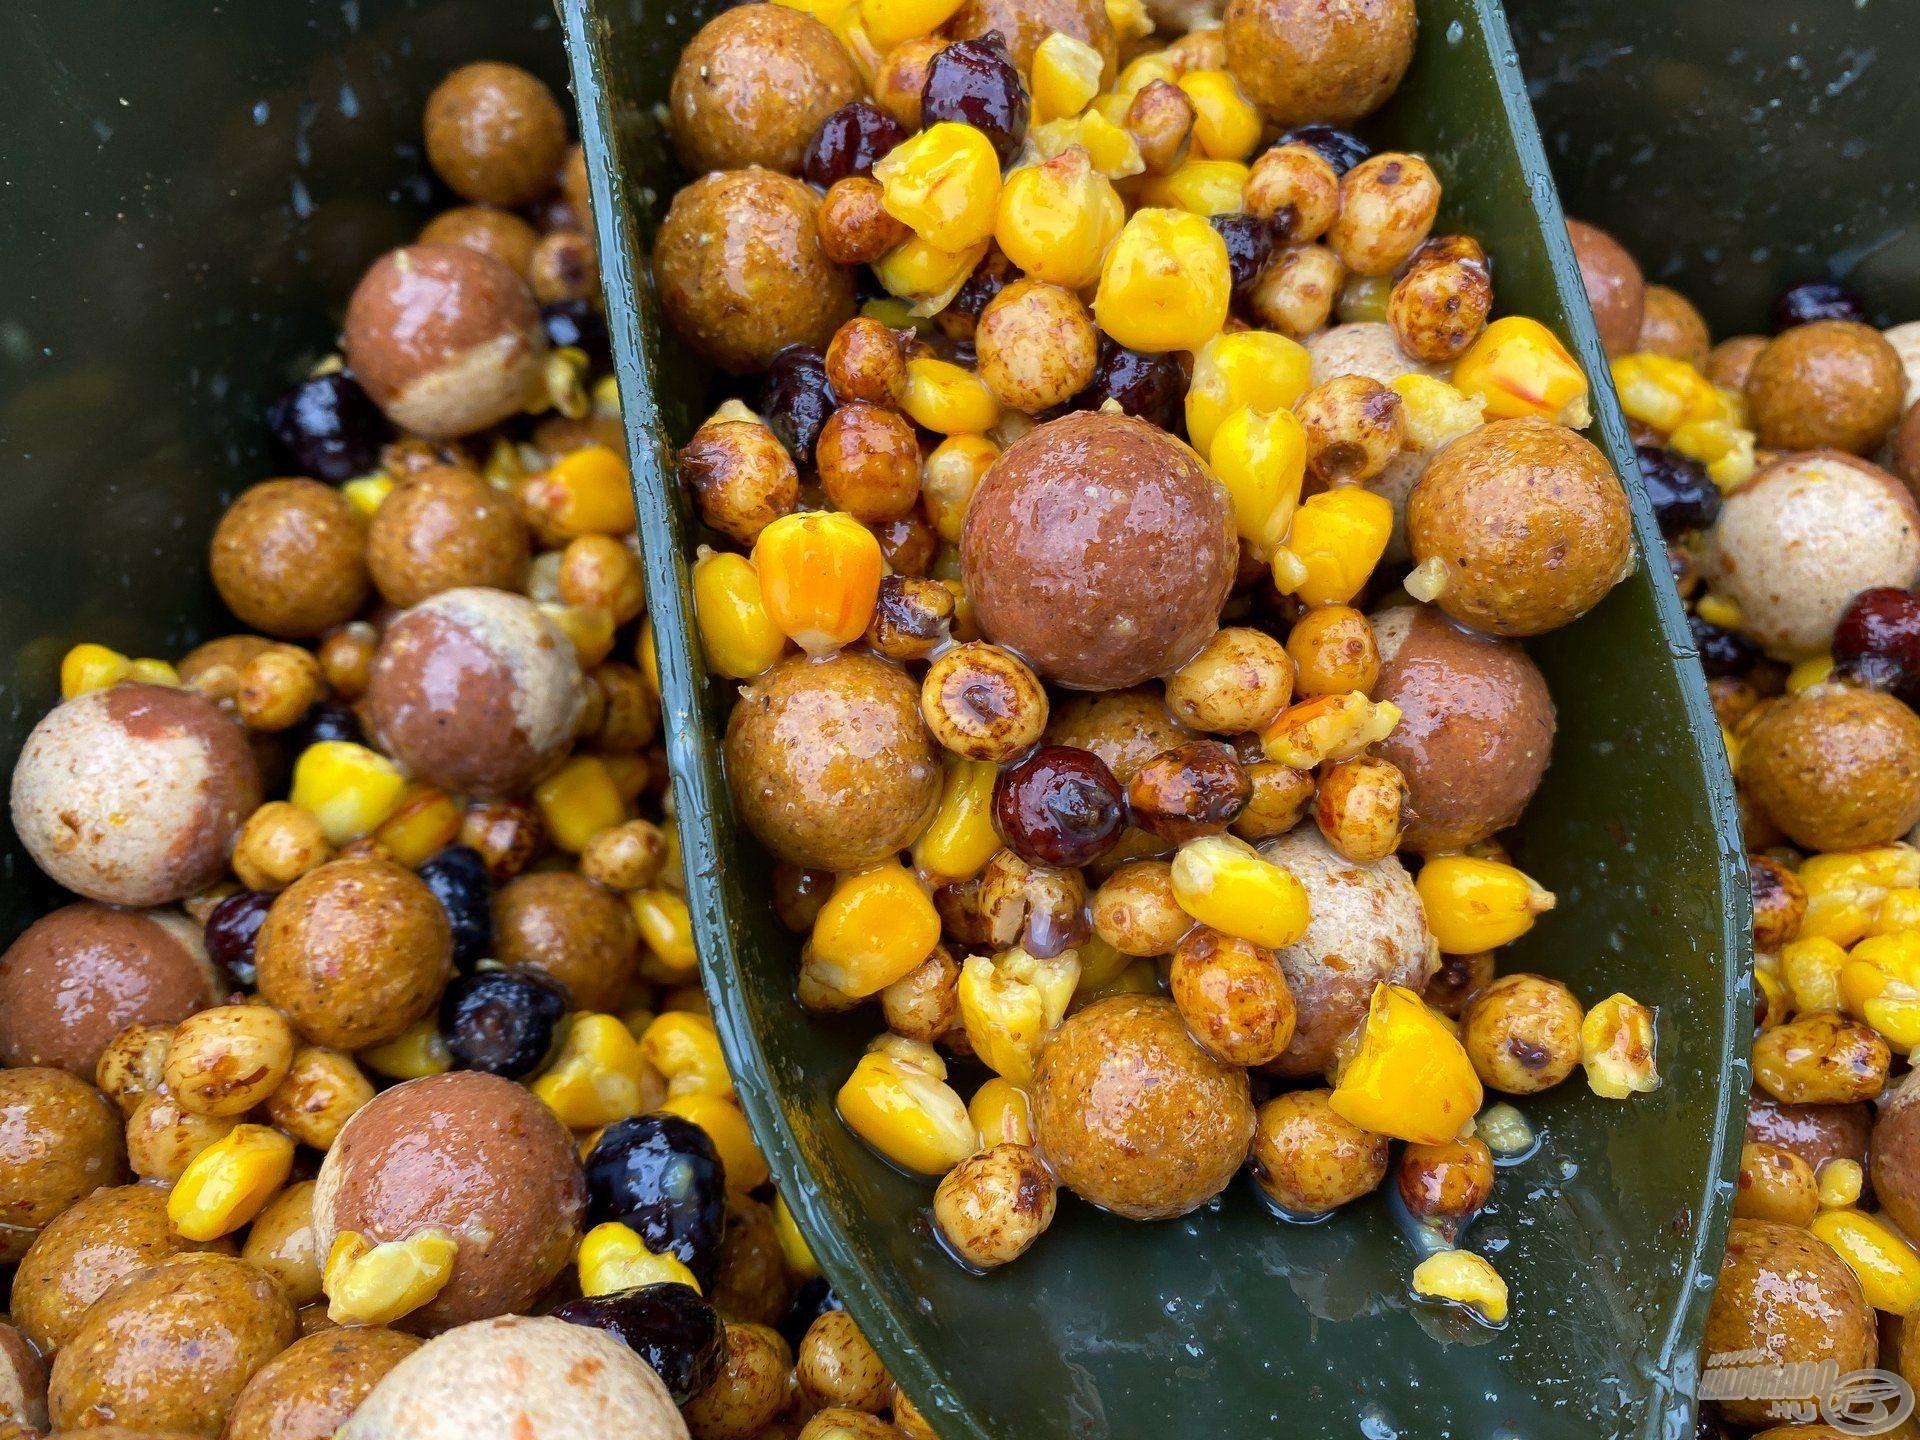 Ha gyorsítani szeretnéd a hatását, kiegészítésként tegyél mellé főtt kukoricát és tigrismogyorót!